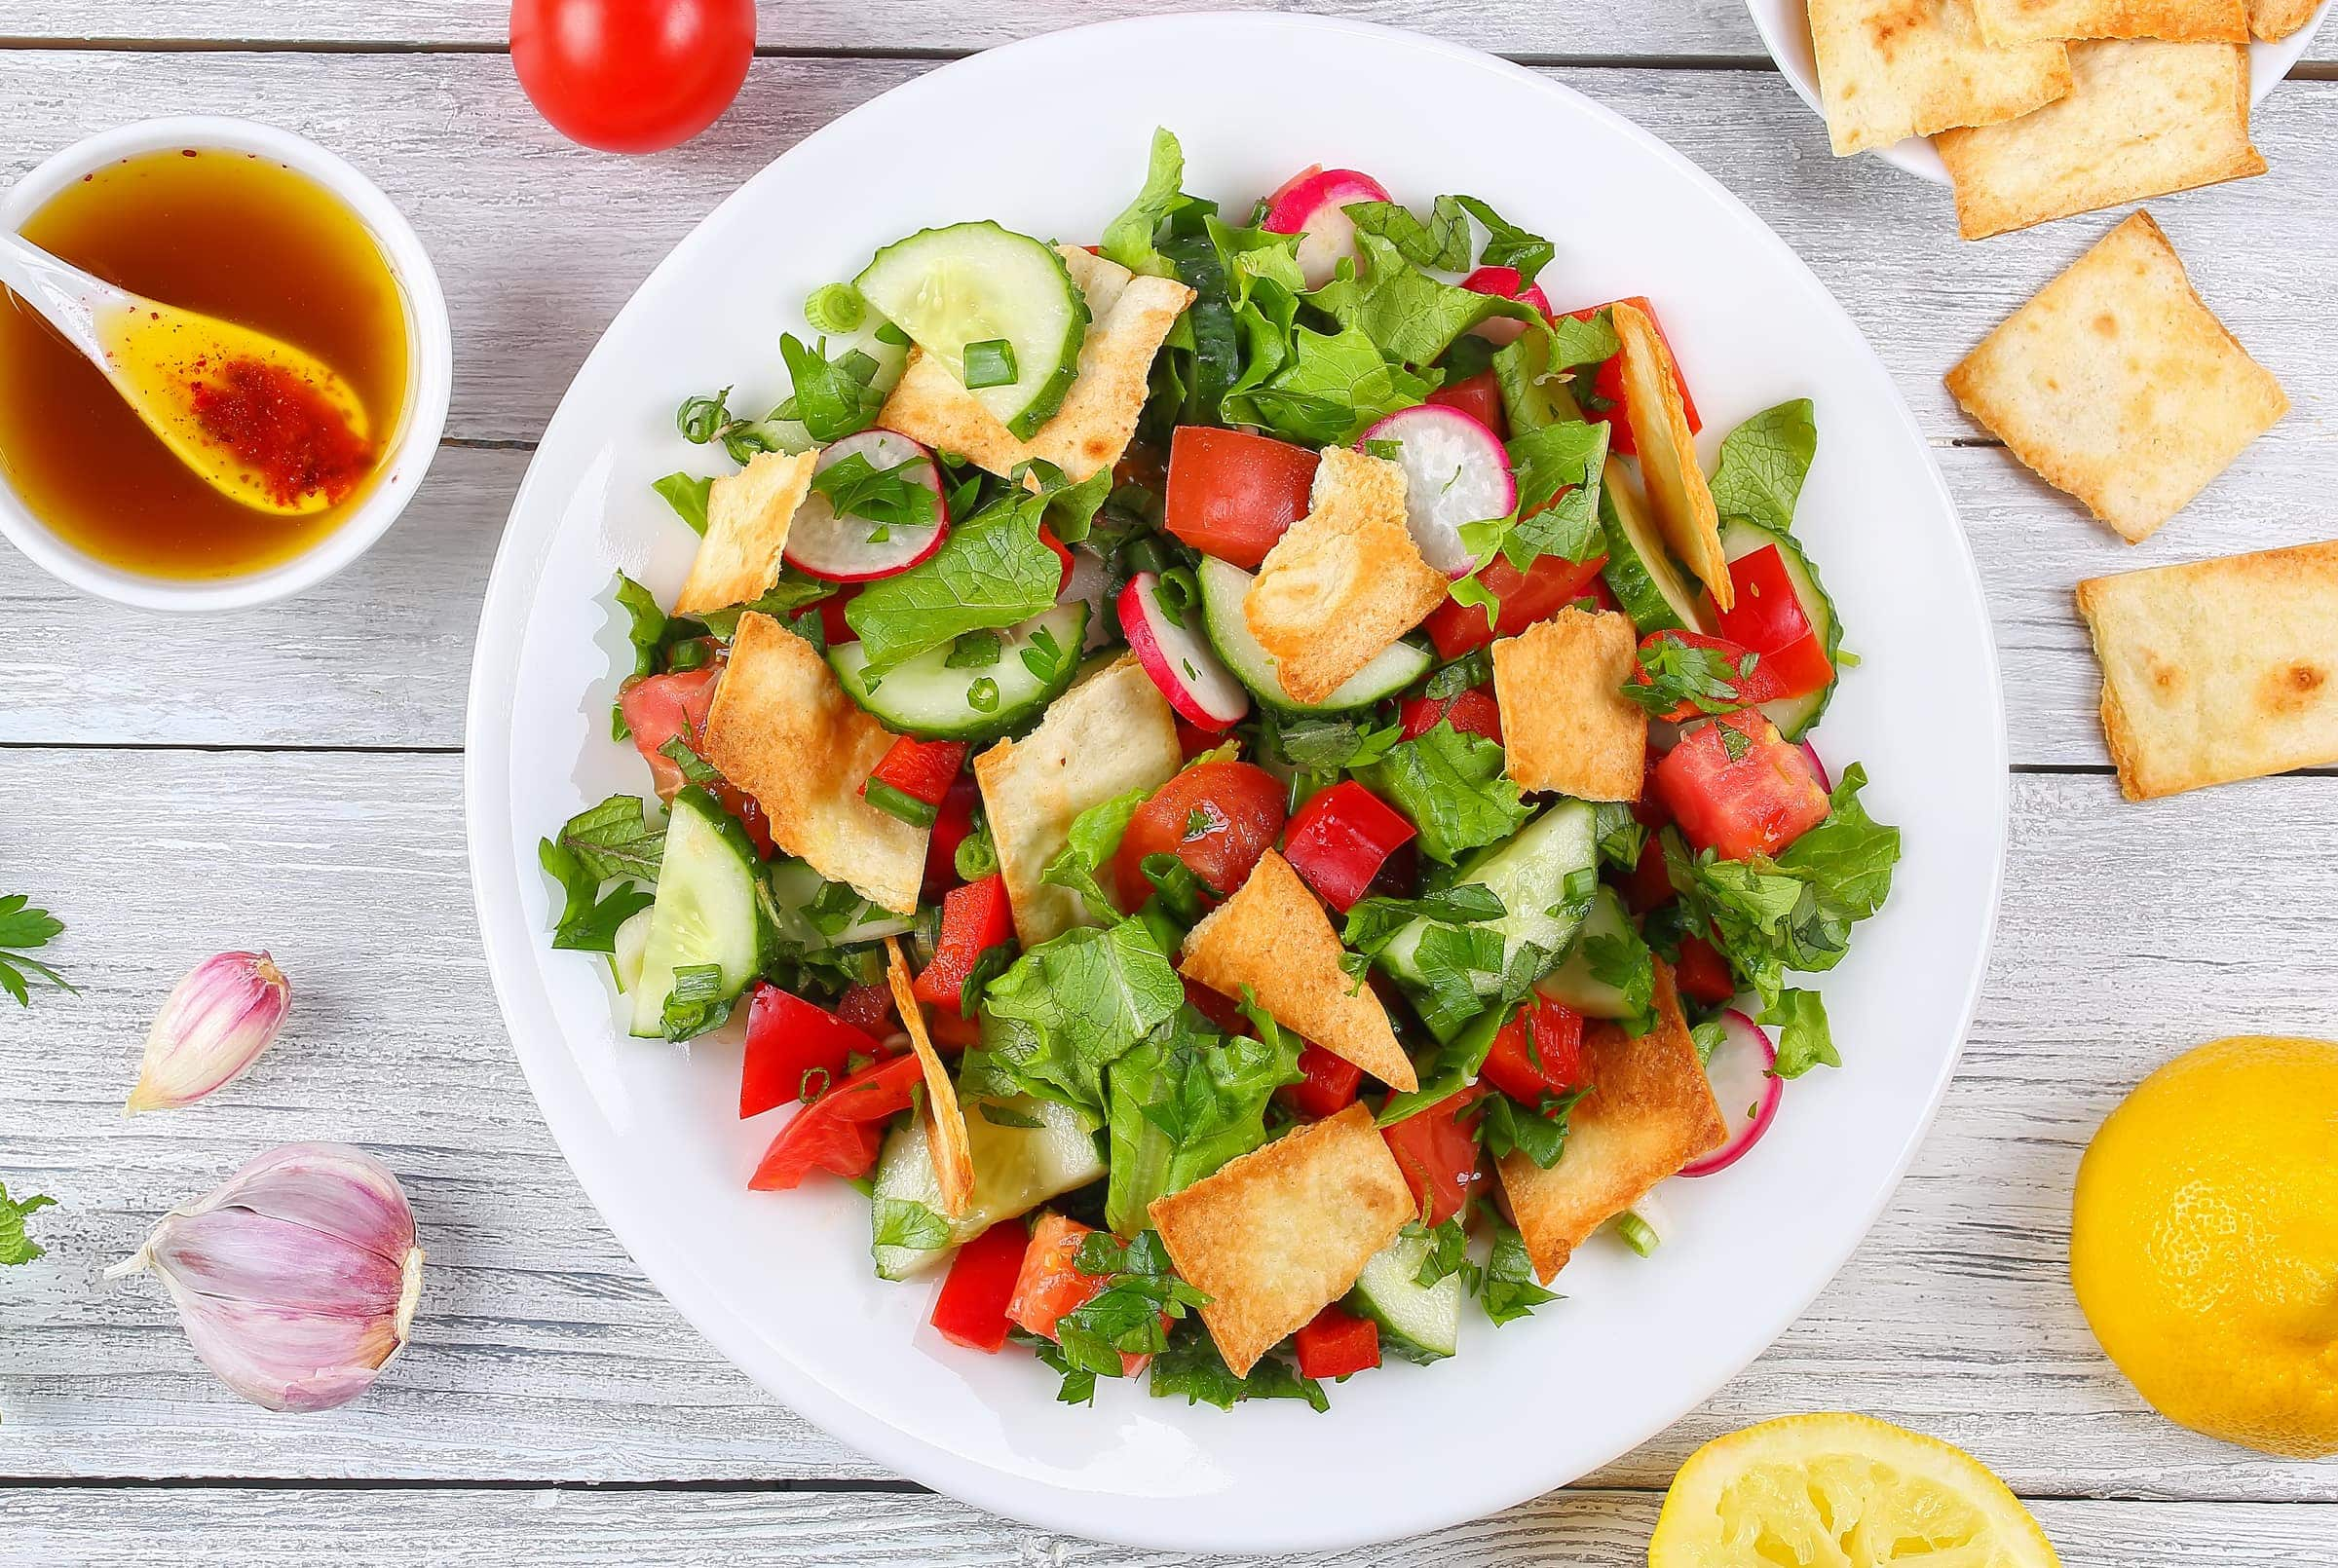 dieta cetriolo e pomodoro